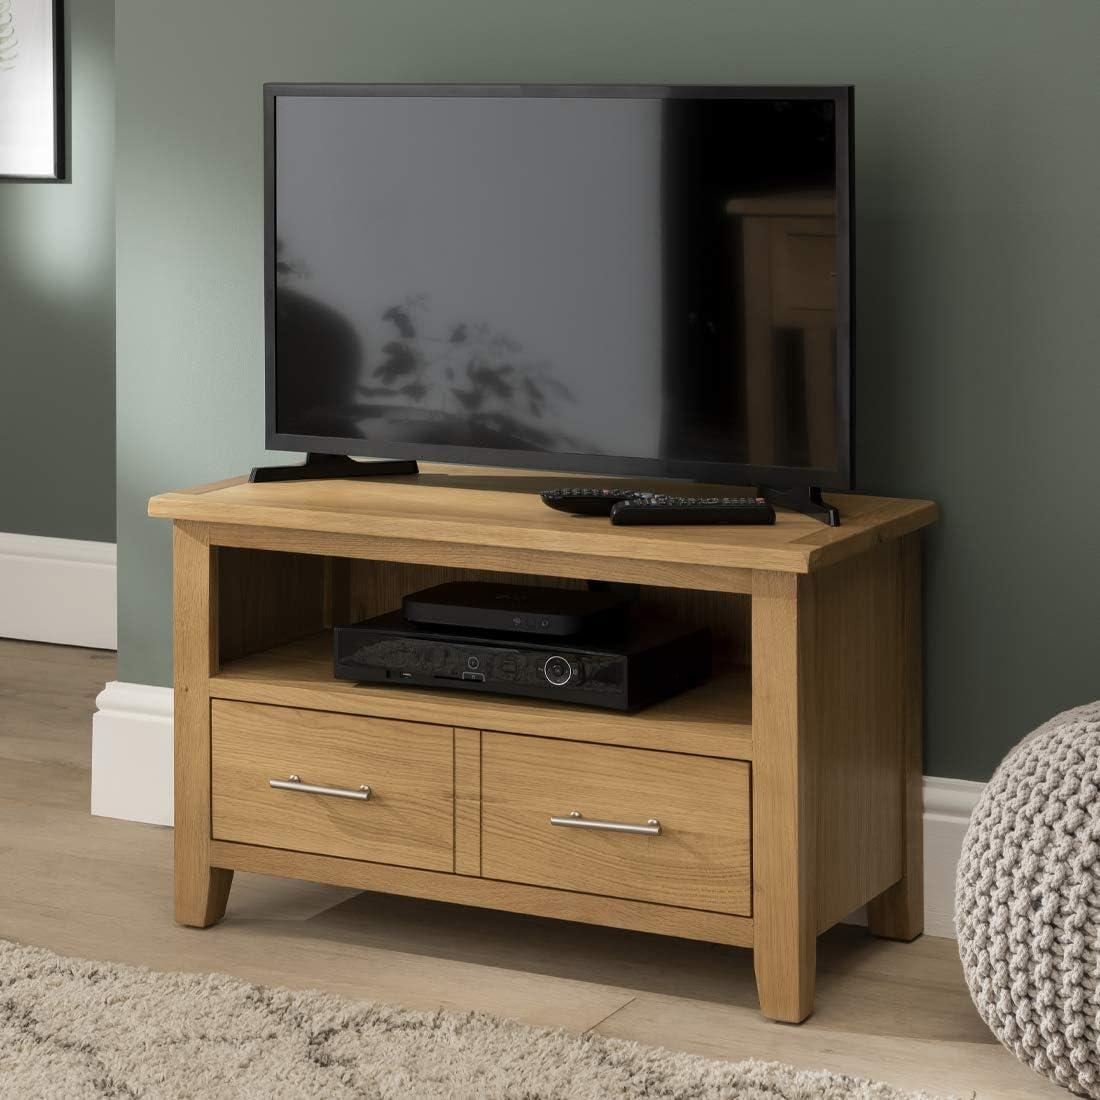 Nebraska Oak - Mueble pequeño para TV, Plasma, DVD y vídeo, montado: Amazon.es: Hogar